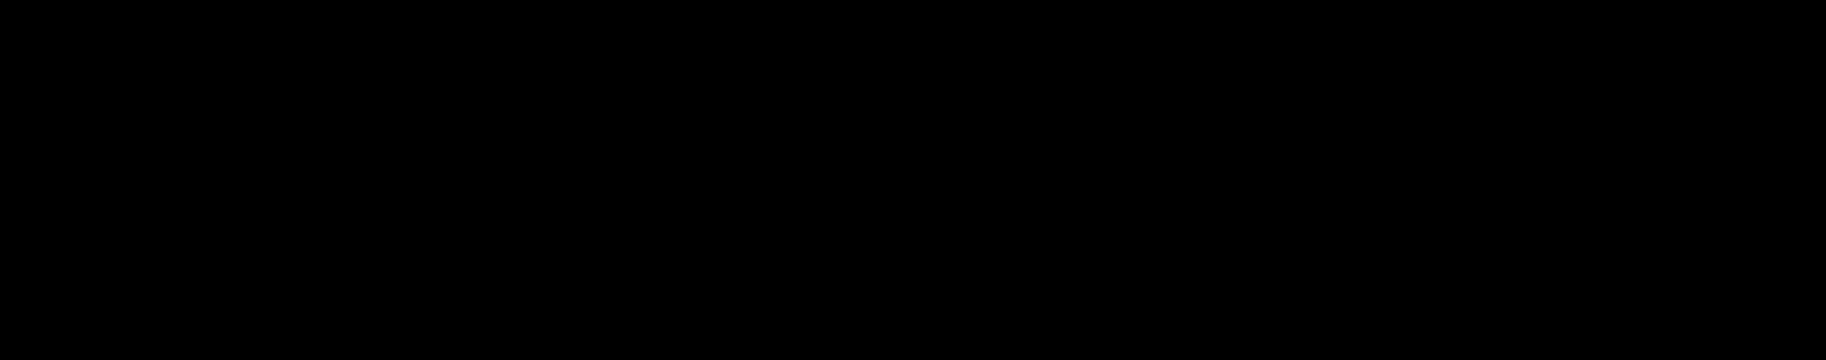 TS-OS 6